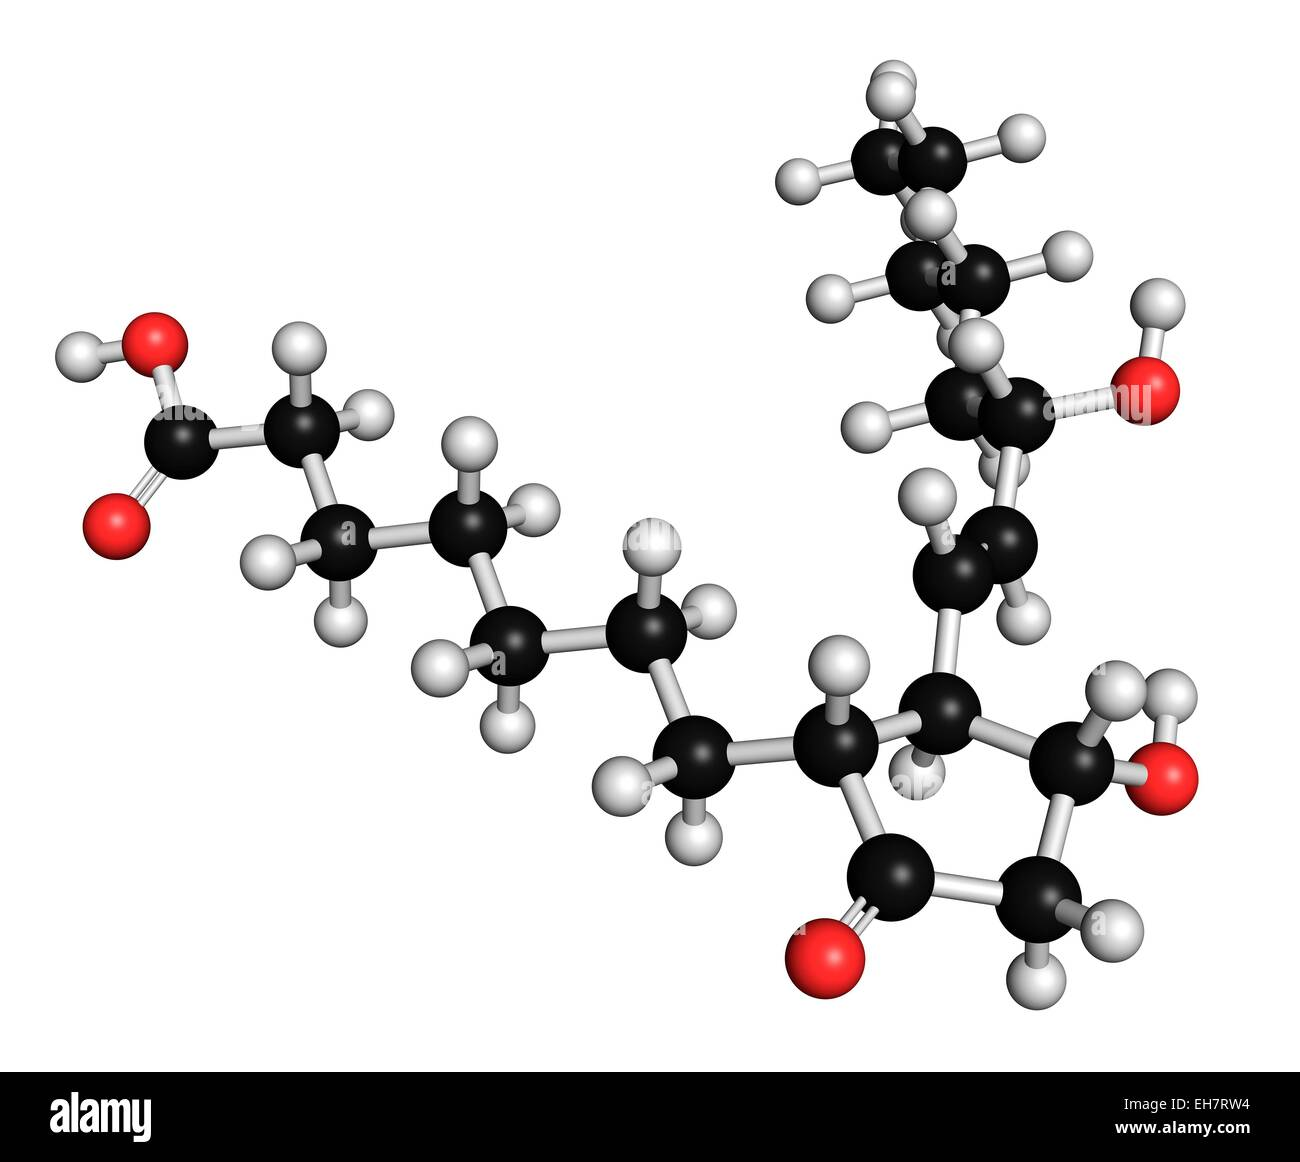 Alprostadil erectile dysfunction drug - Stock Image